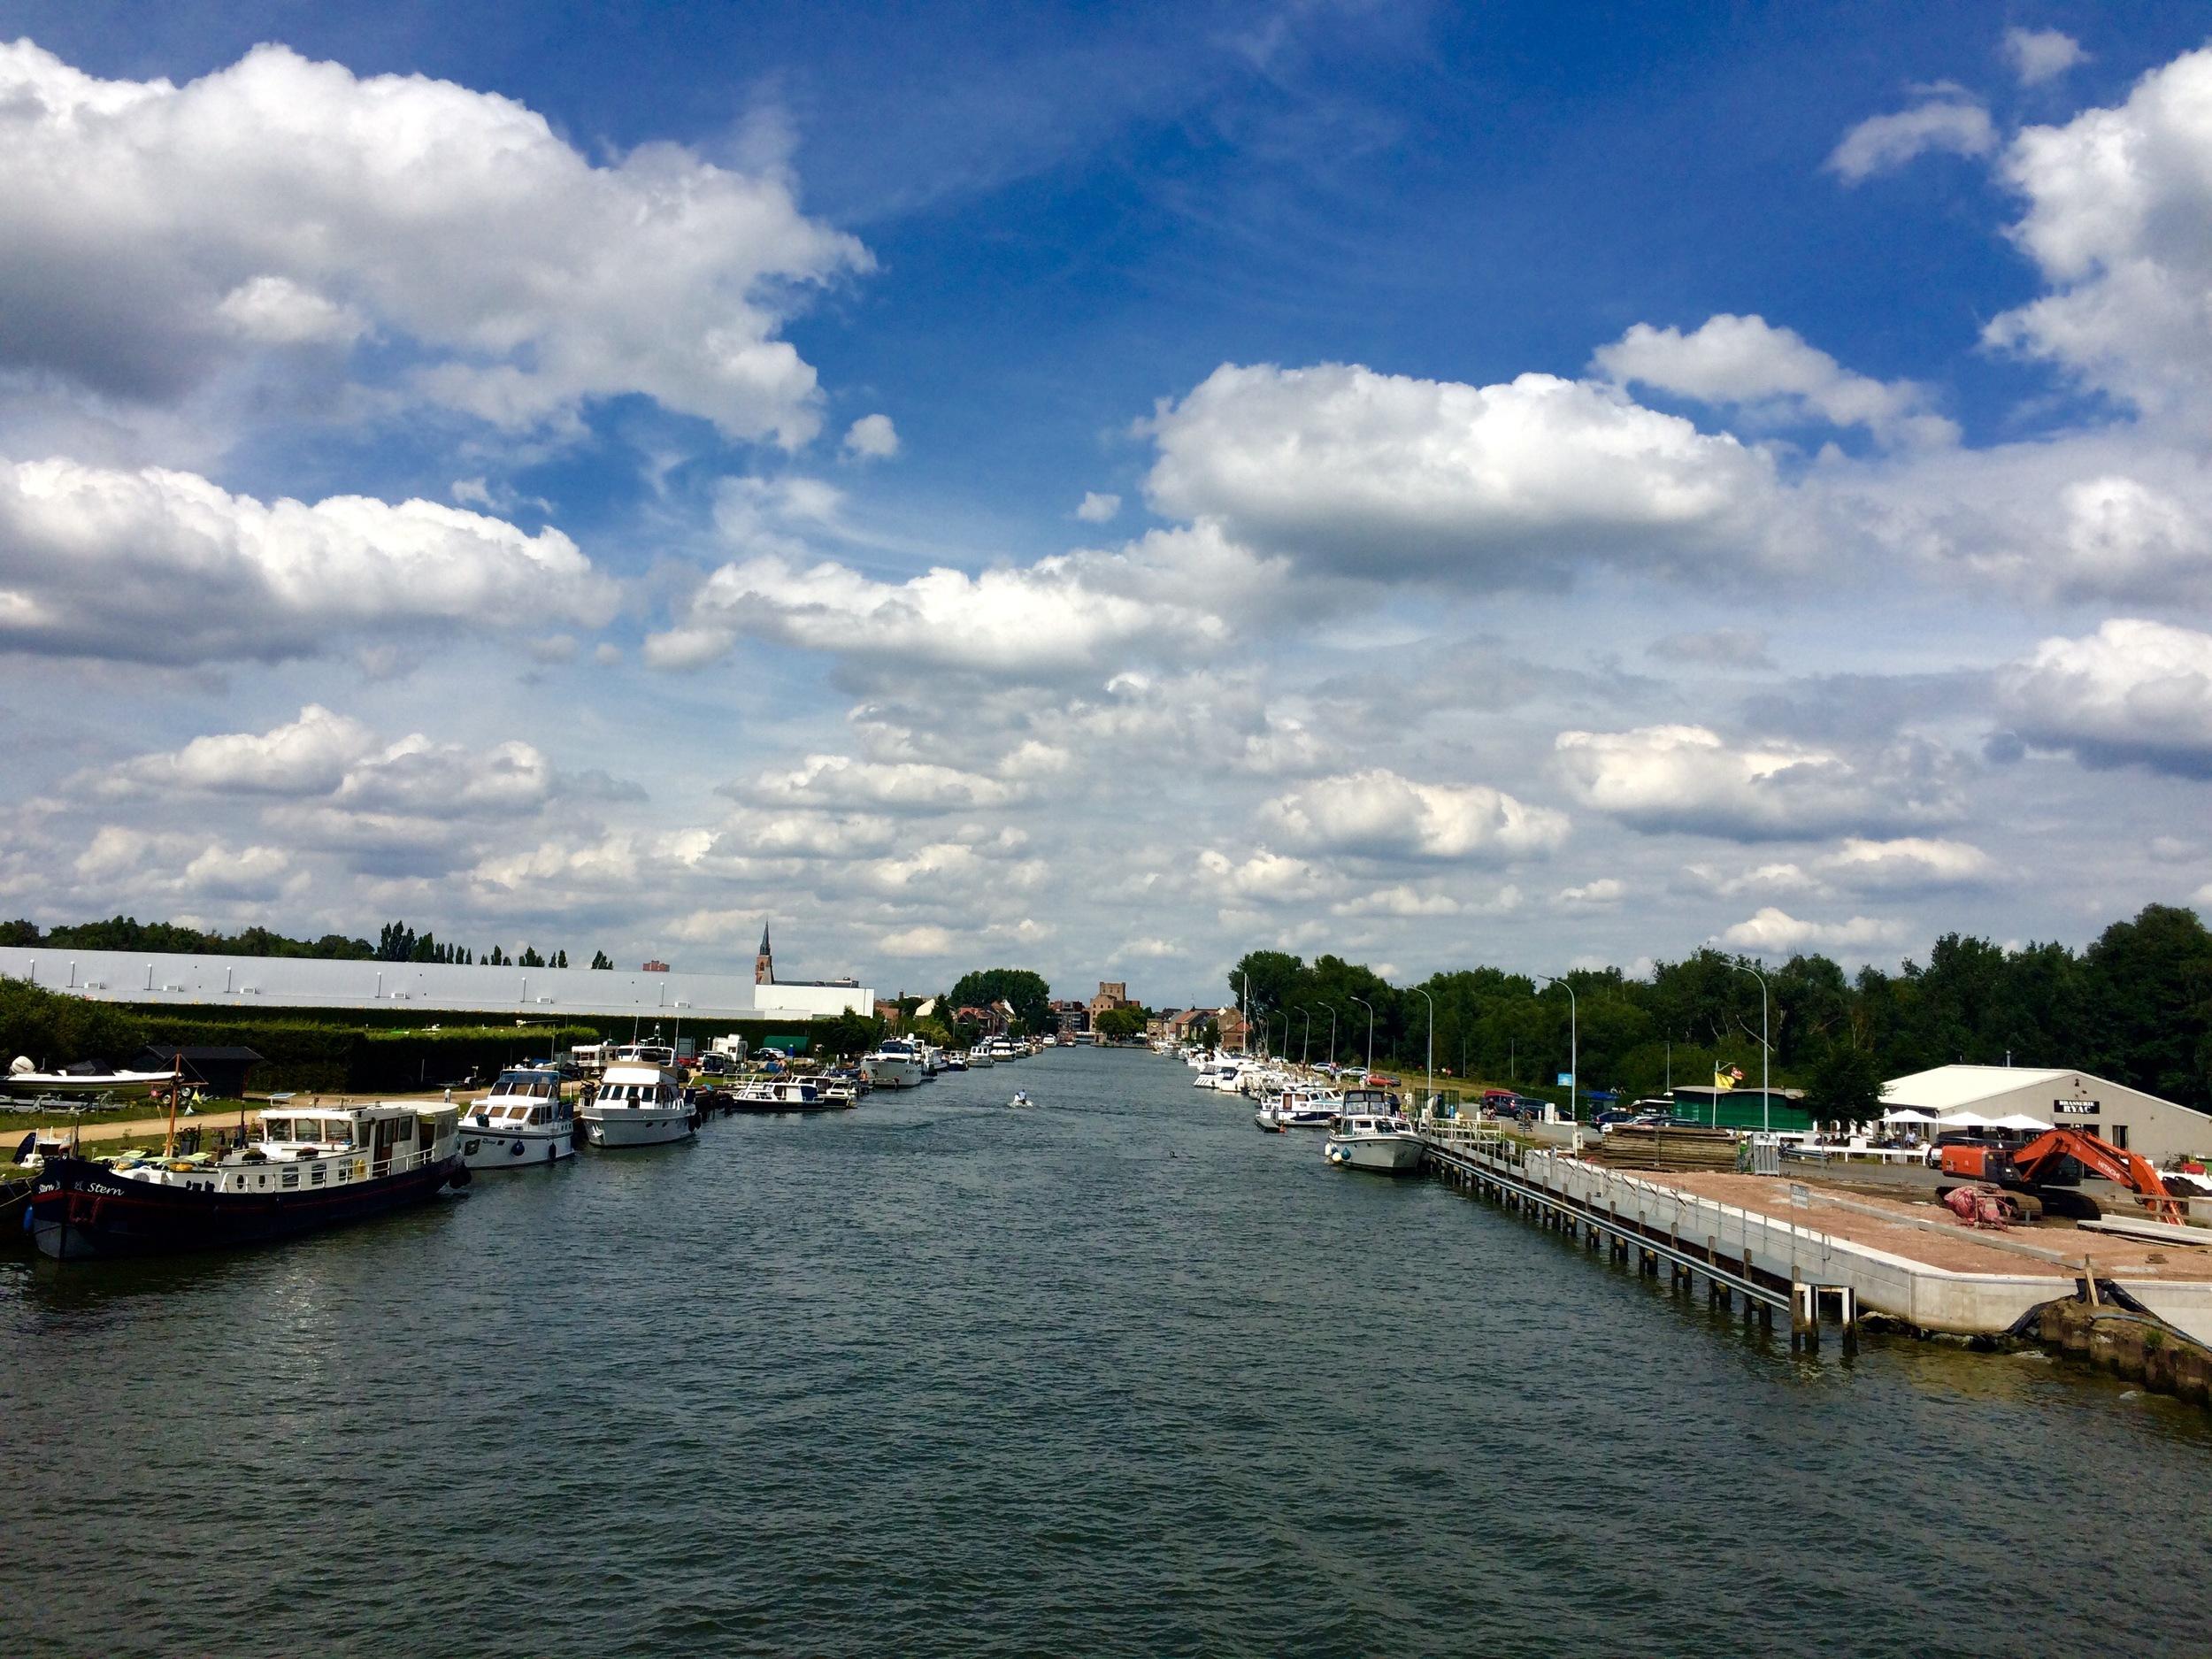 Viewfinder-smartphone-fotografie-jachthaven-Klein-Willebroek